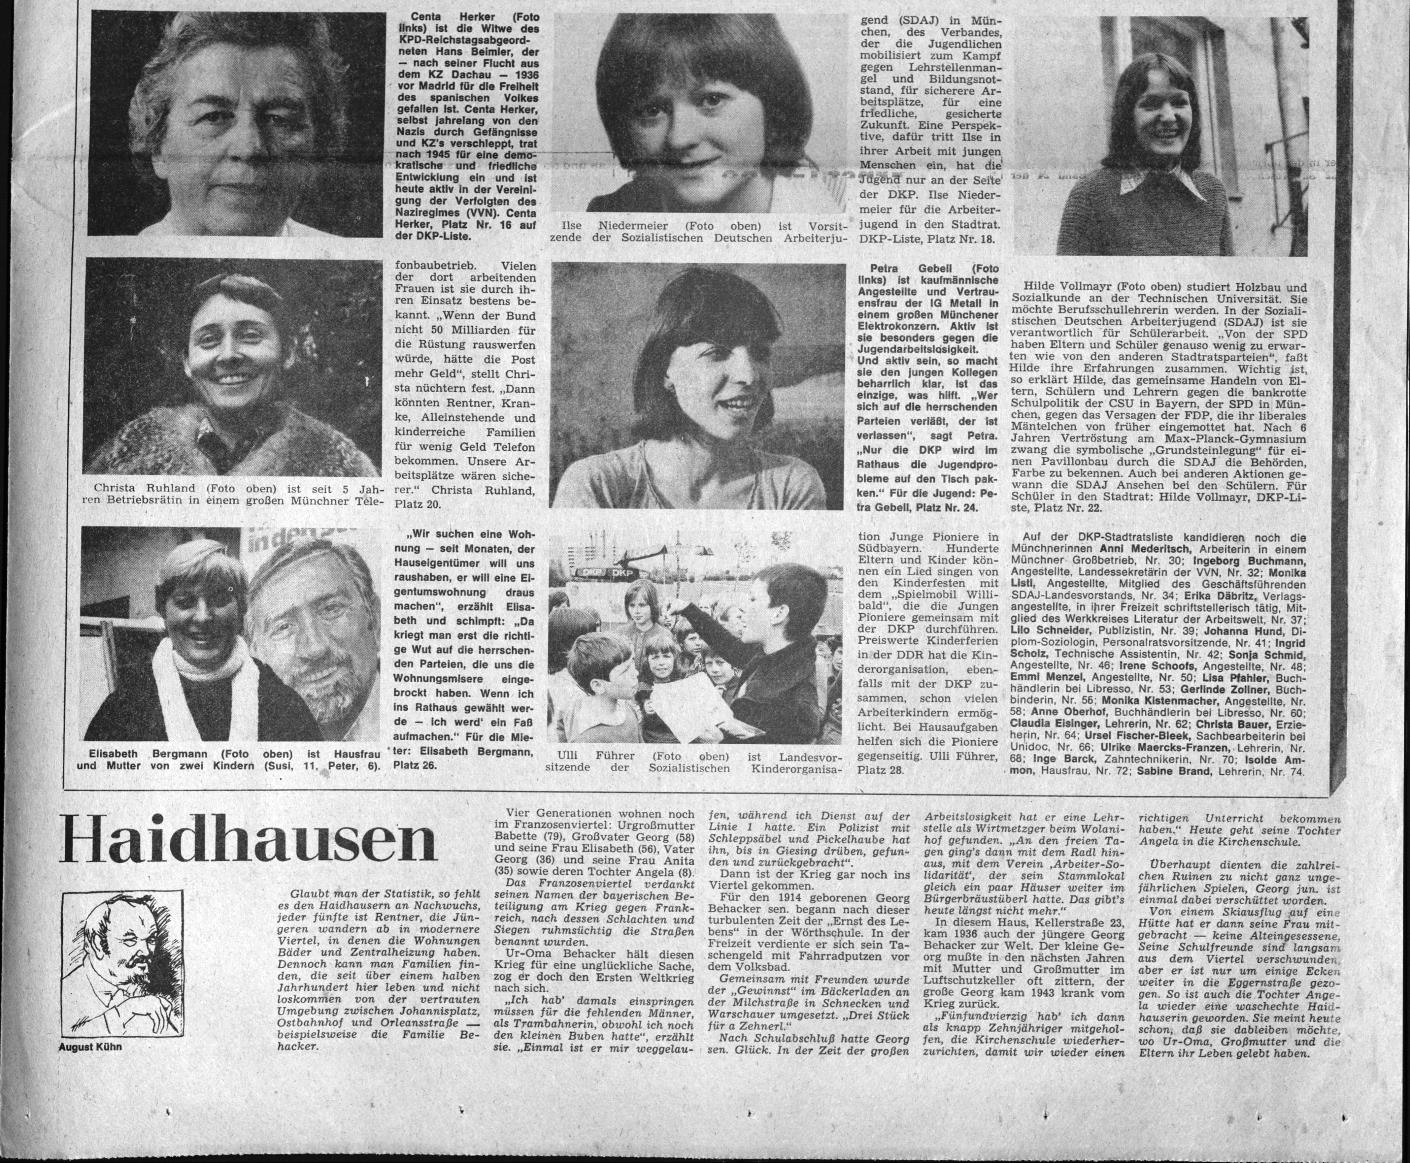 Muenchen_DKP_Neues_Muenchen_19771200_012_014